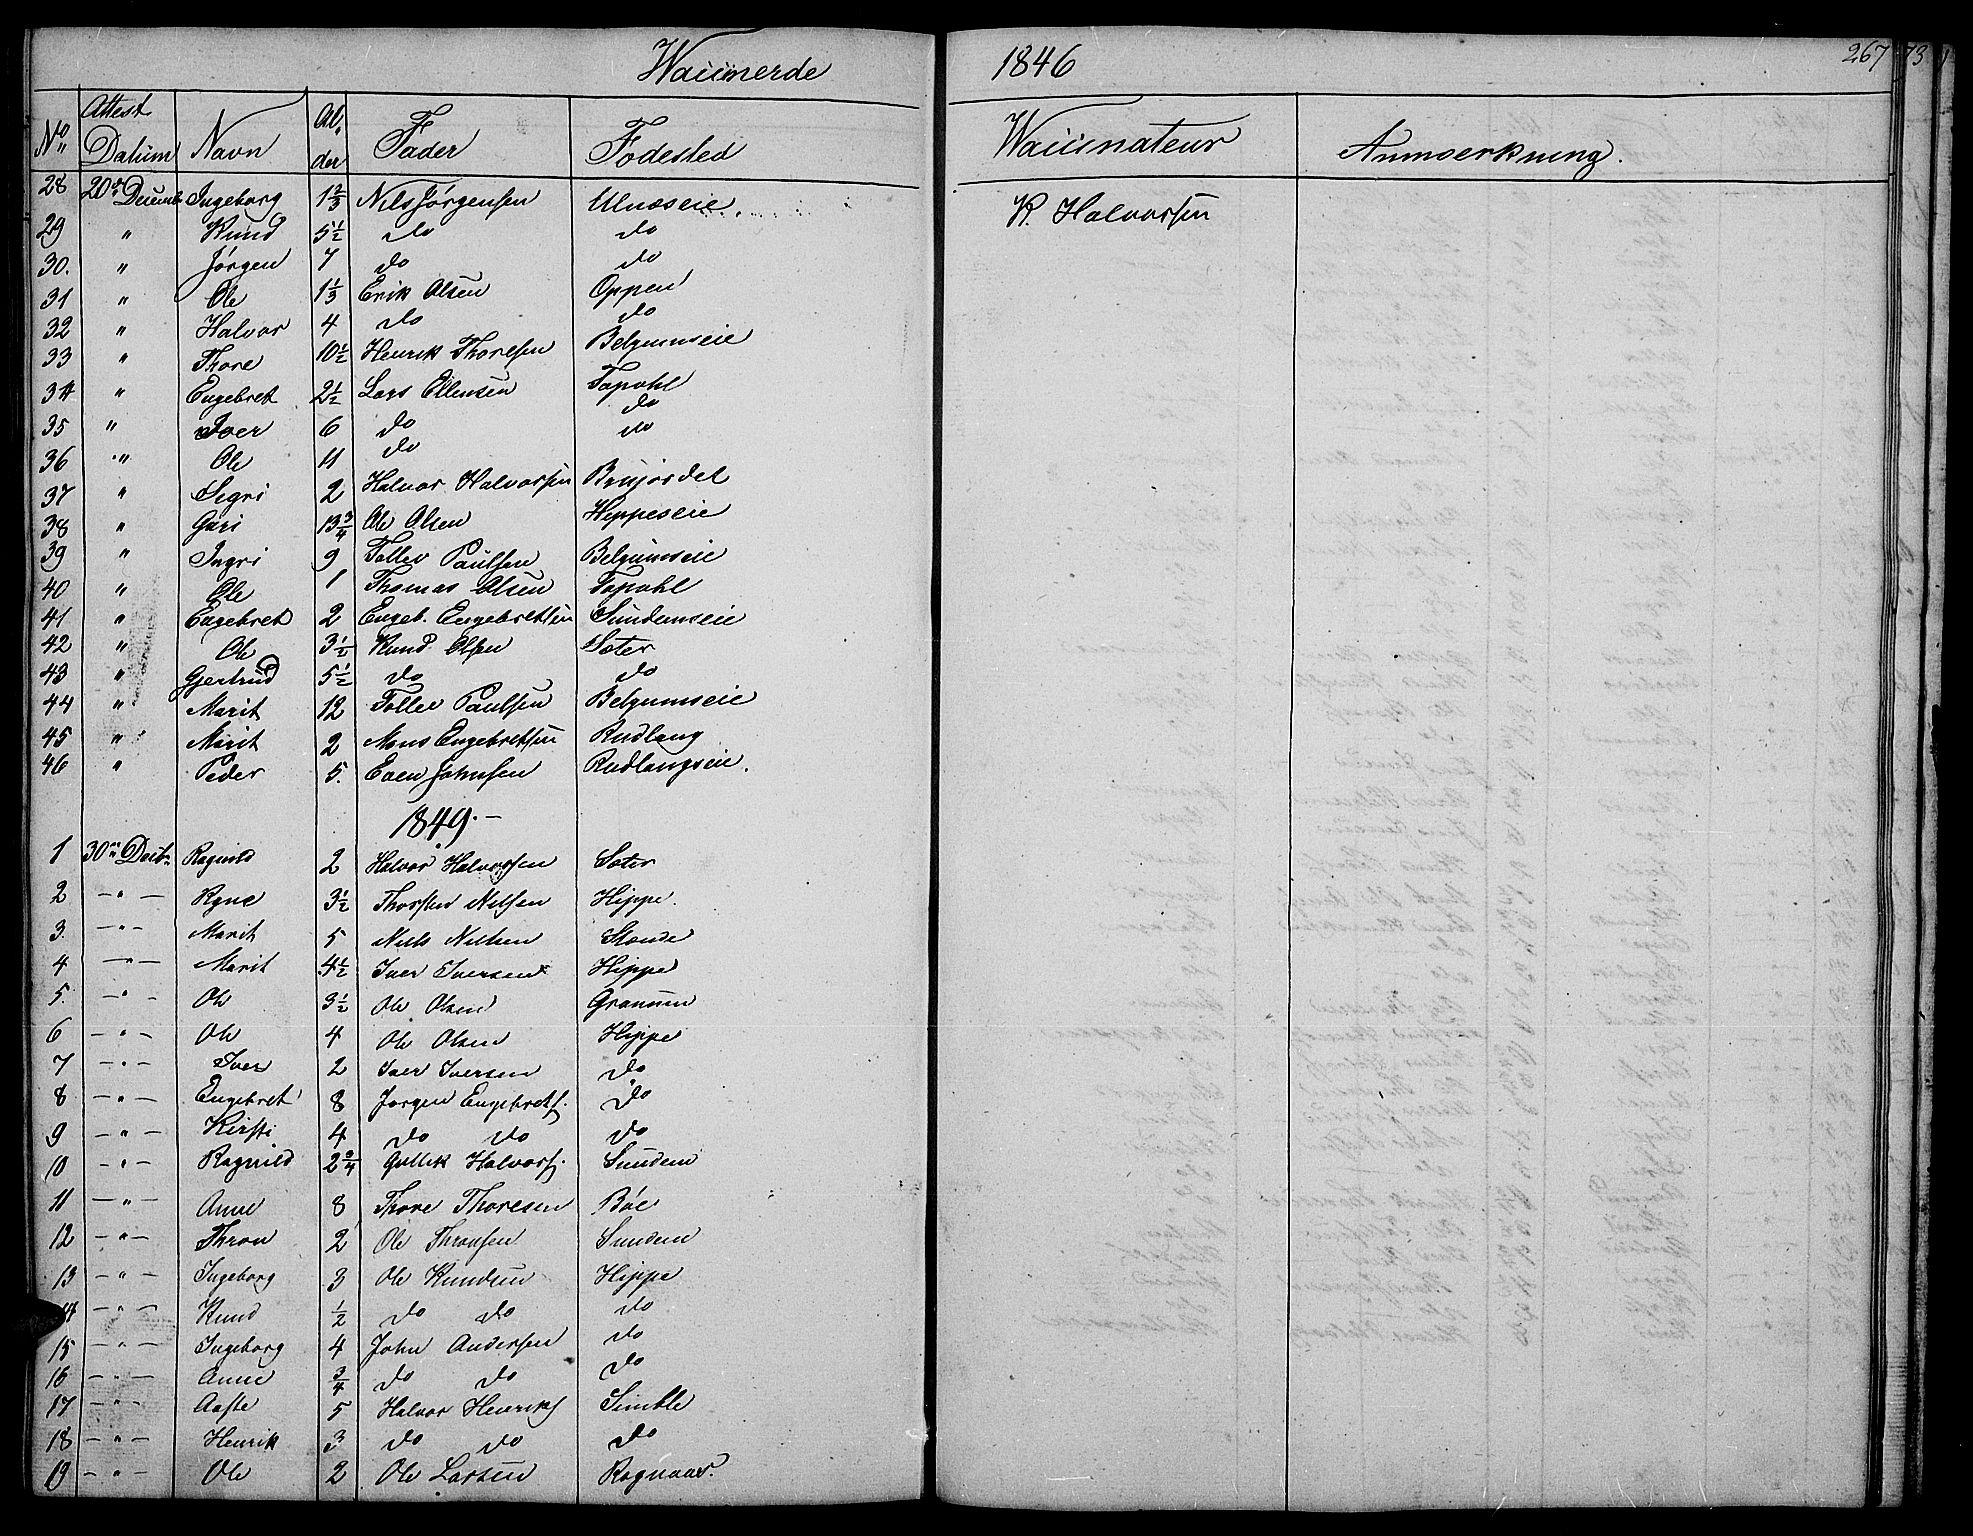 SAH, Nord-Aurdal prestekontor, Klokkerbok nr. 4, 1842-1882, s. 267